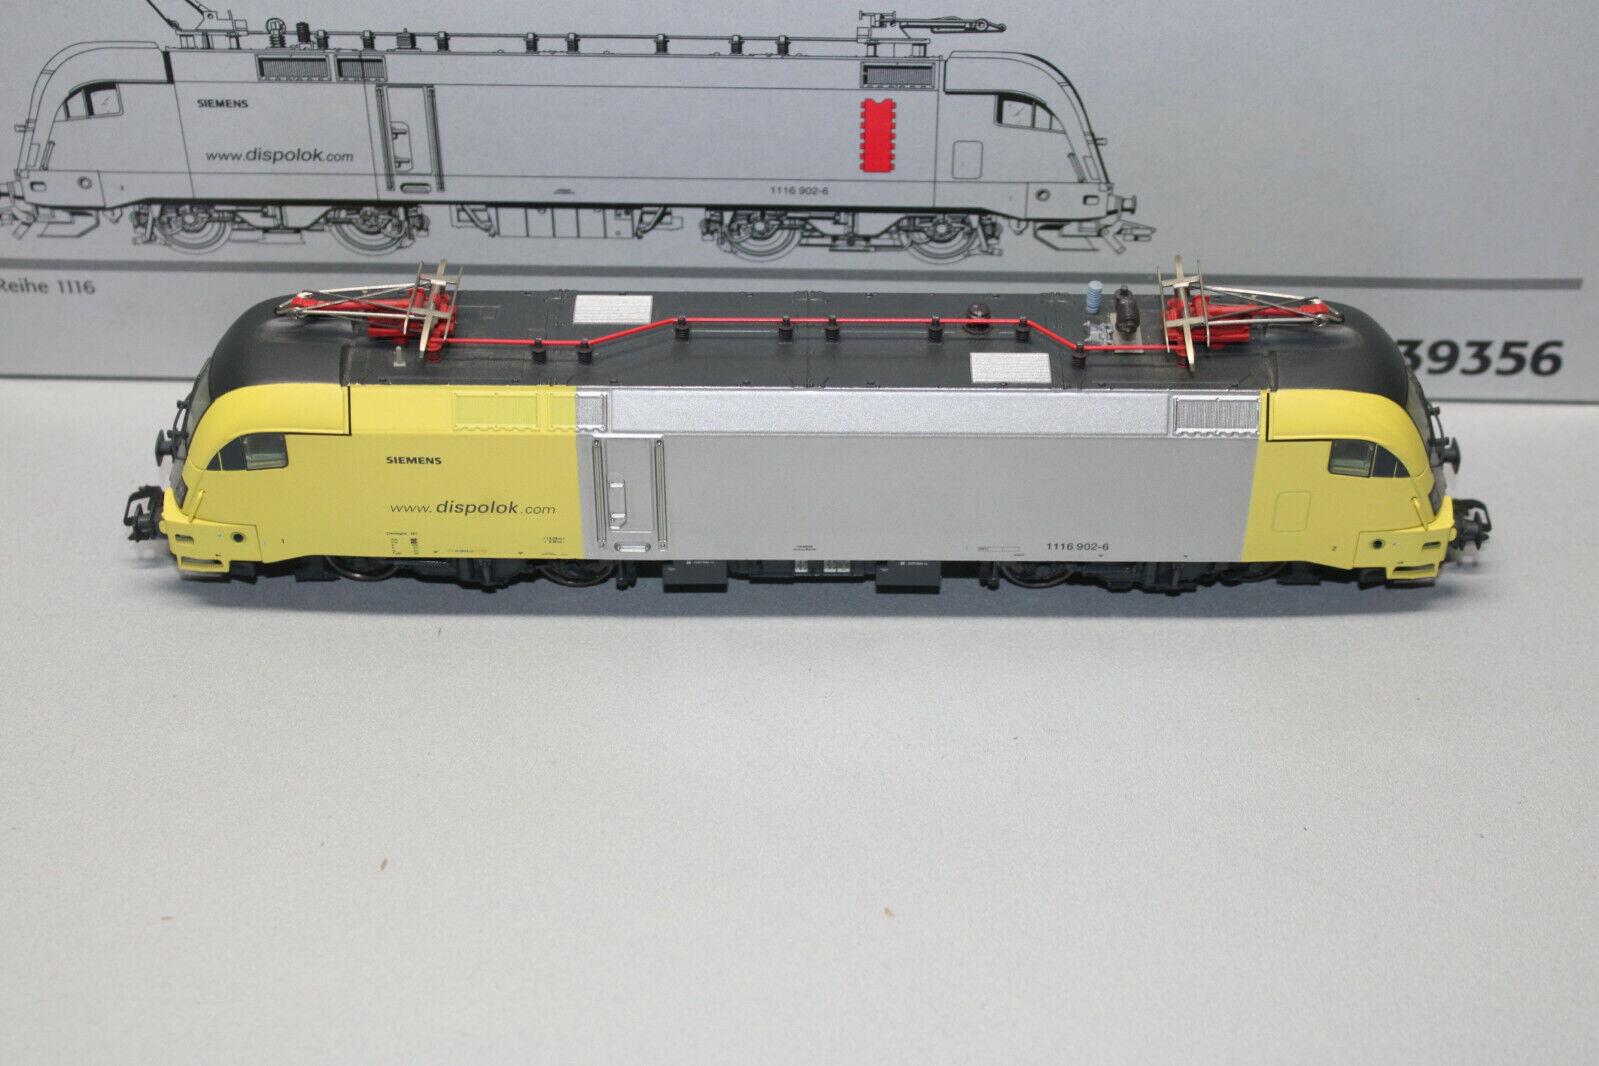 marklin 39356 Digitale Romualdo Serie 1116 suono Scala H0 Conf. Orig.